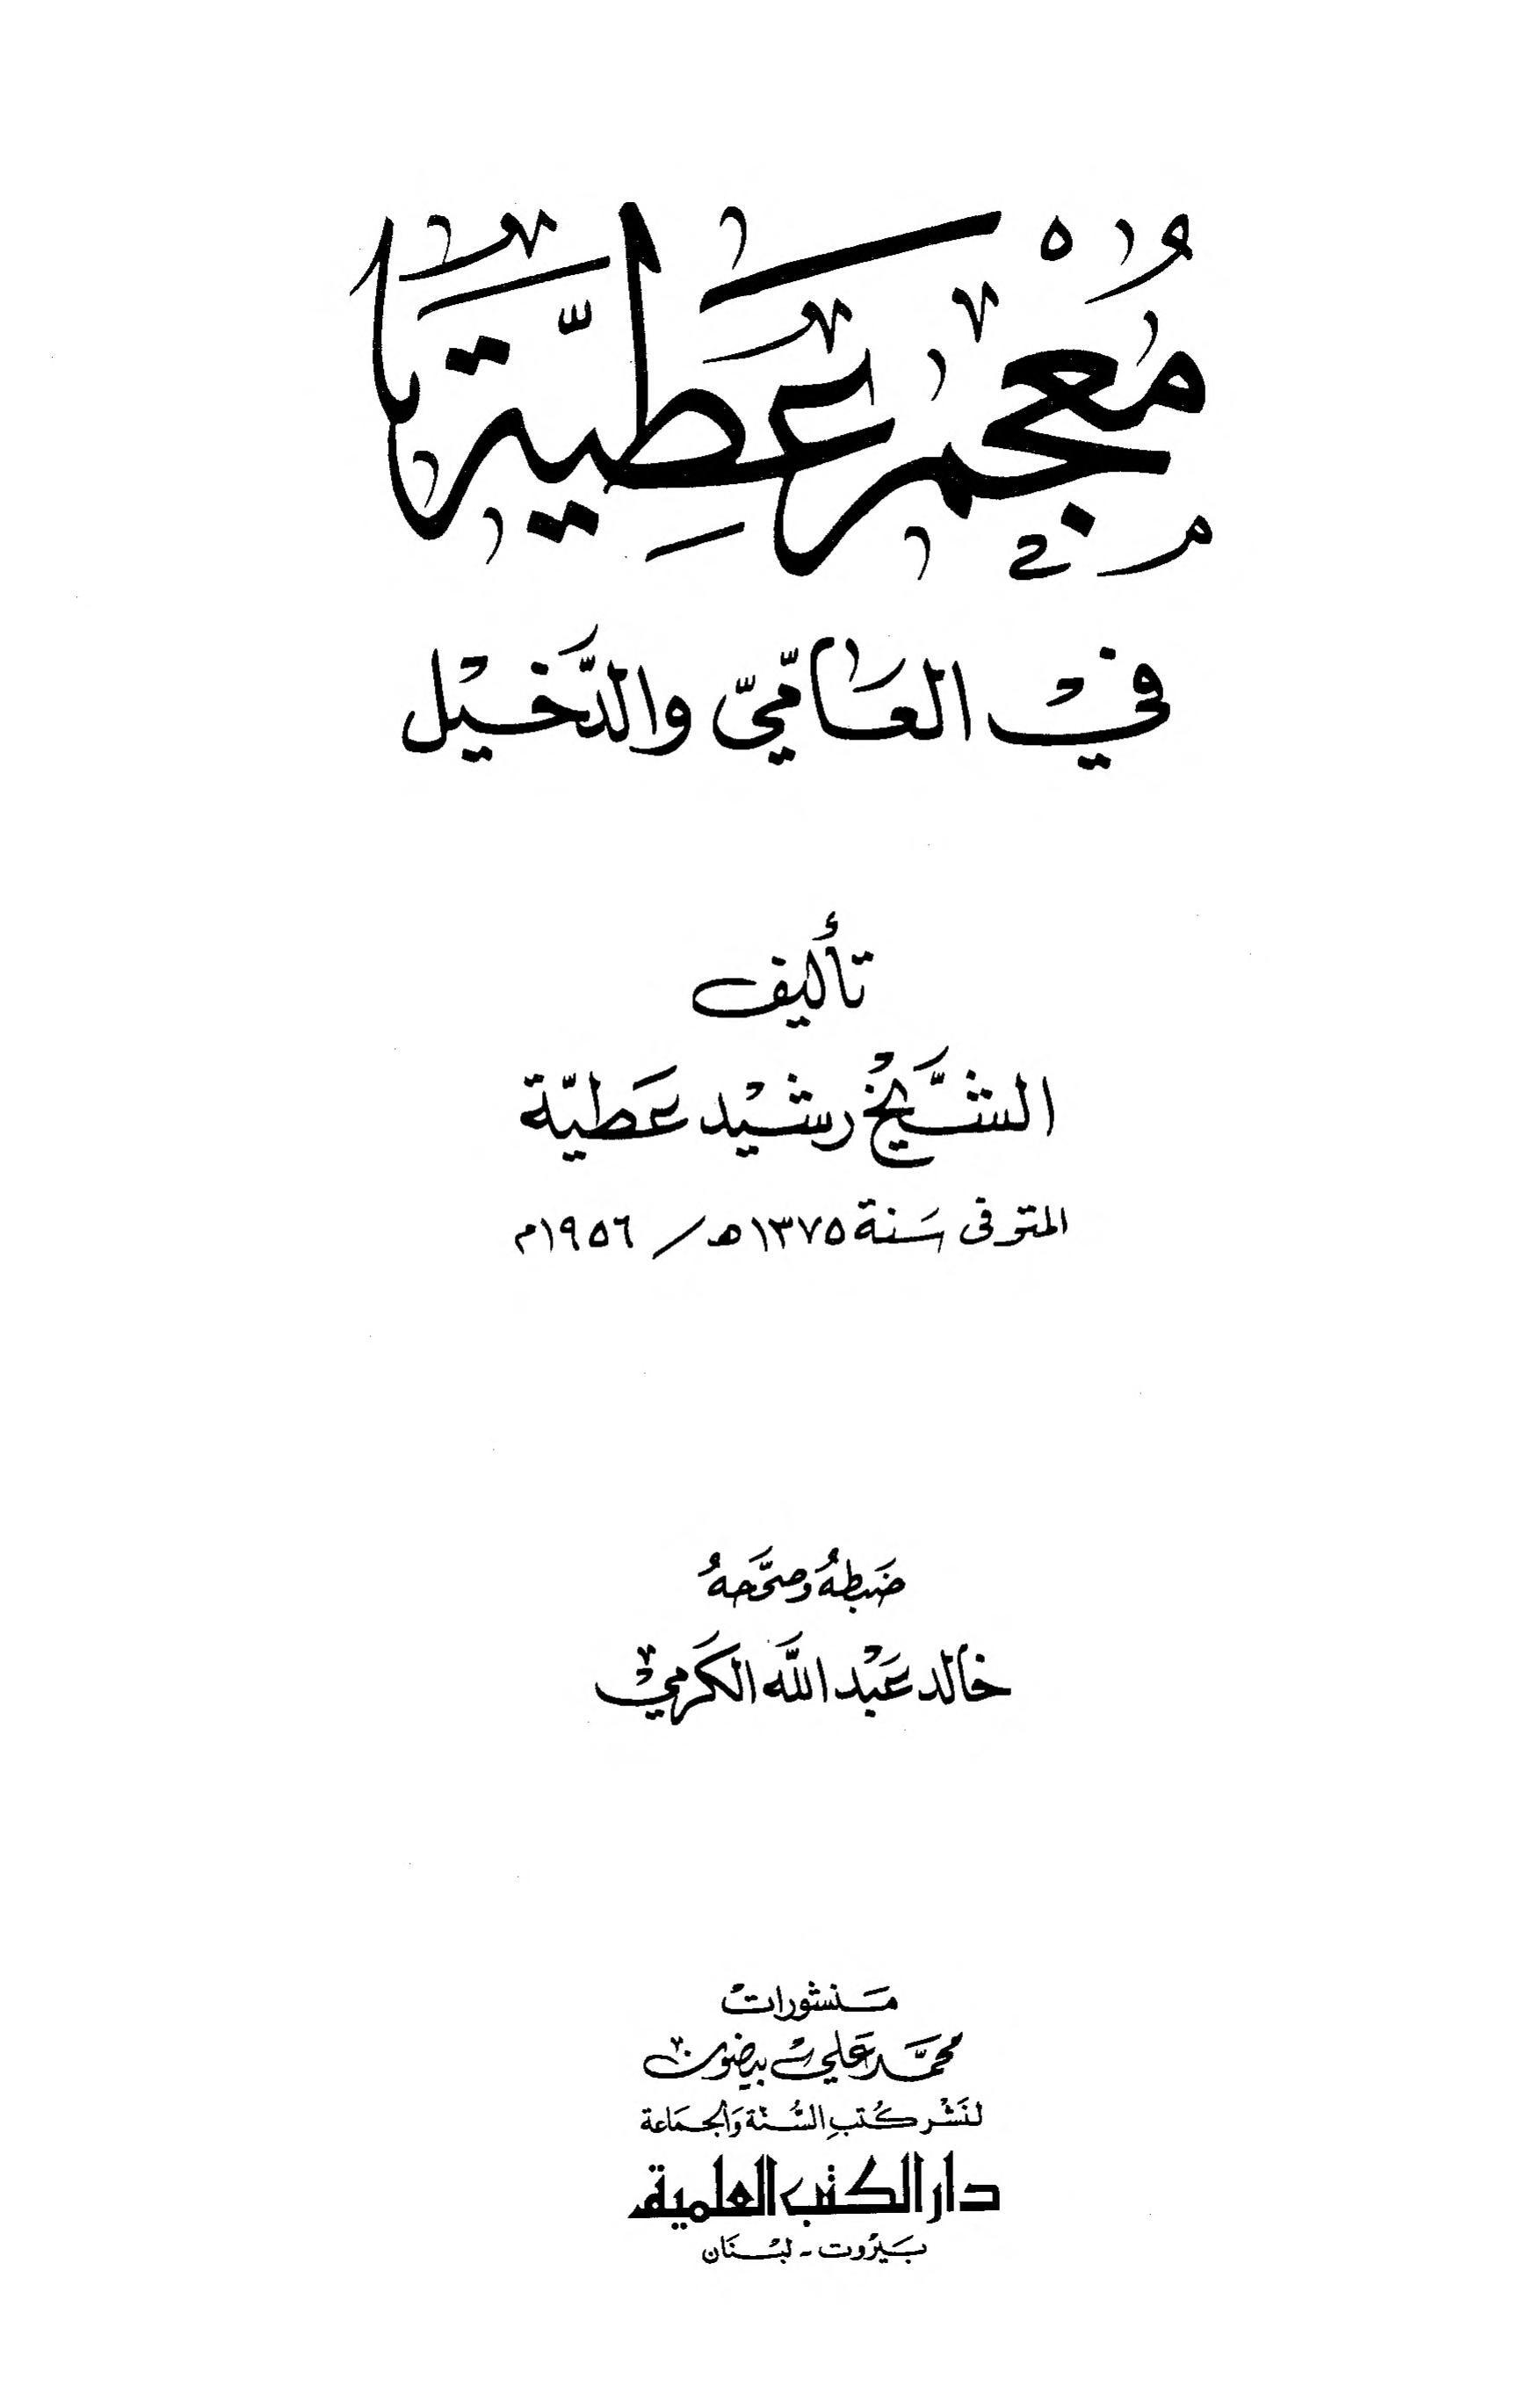 المعاجم اللغوية مجموعة متميزة وشاملة من معاجم اللغة العربية Free Download Borrow And Streaming Internet Archive Internet Archive Arabic Books Streaming